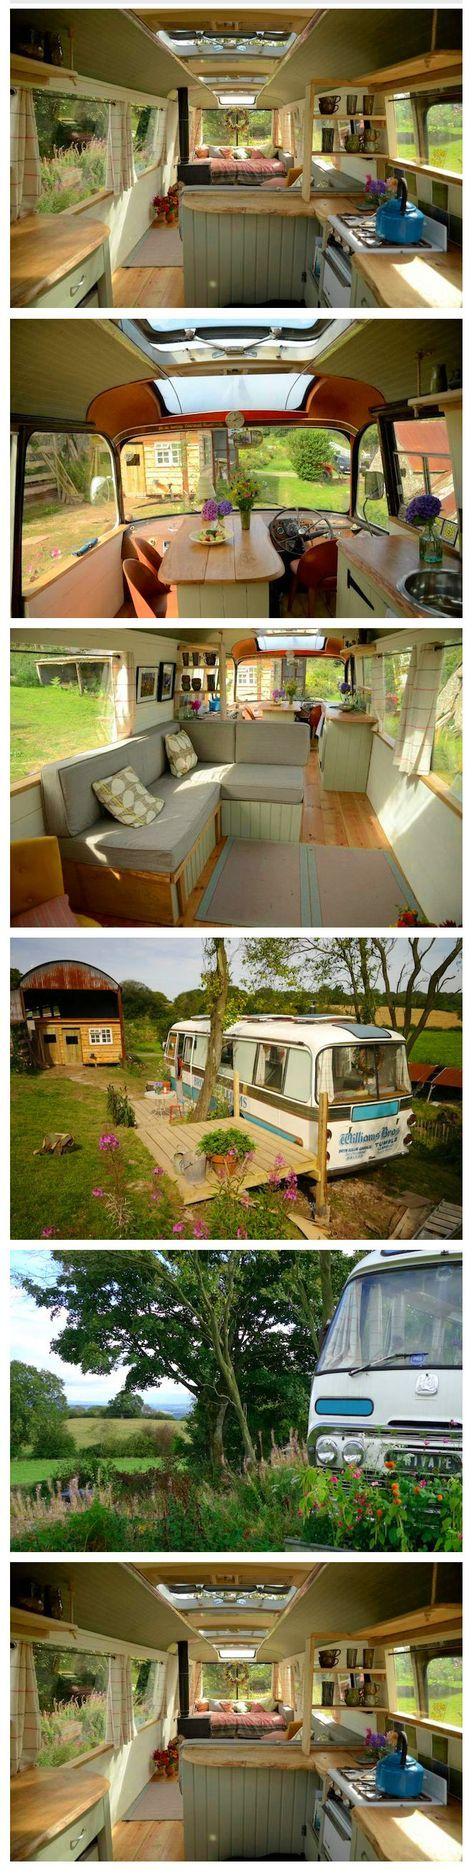 Utiliser un vieux camion pour en faire une cabane d'invités/d'ado au fond du jardin !